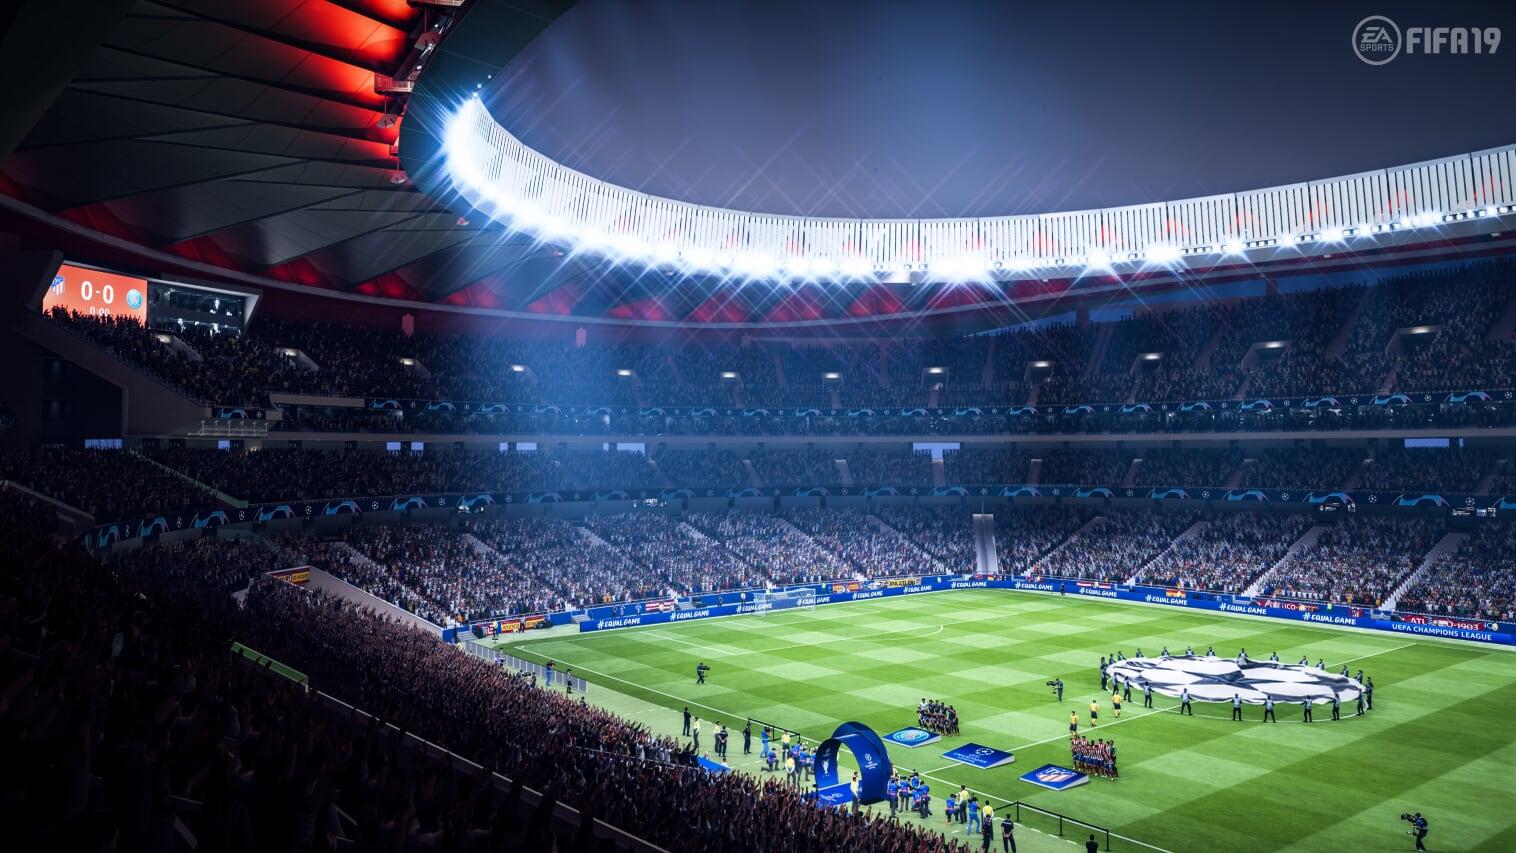 FIFA 19 Stadionliste – Alle neuen Stadien mit Bildern in der Übersicht